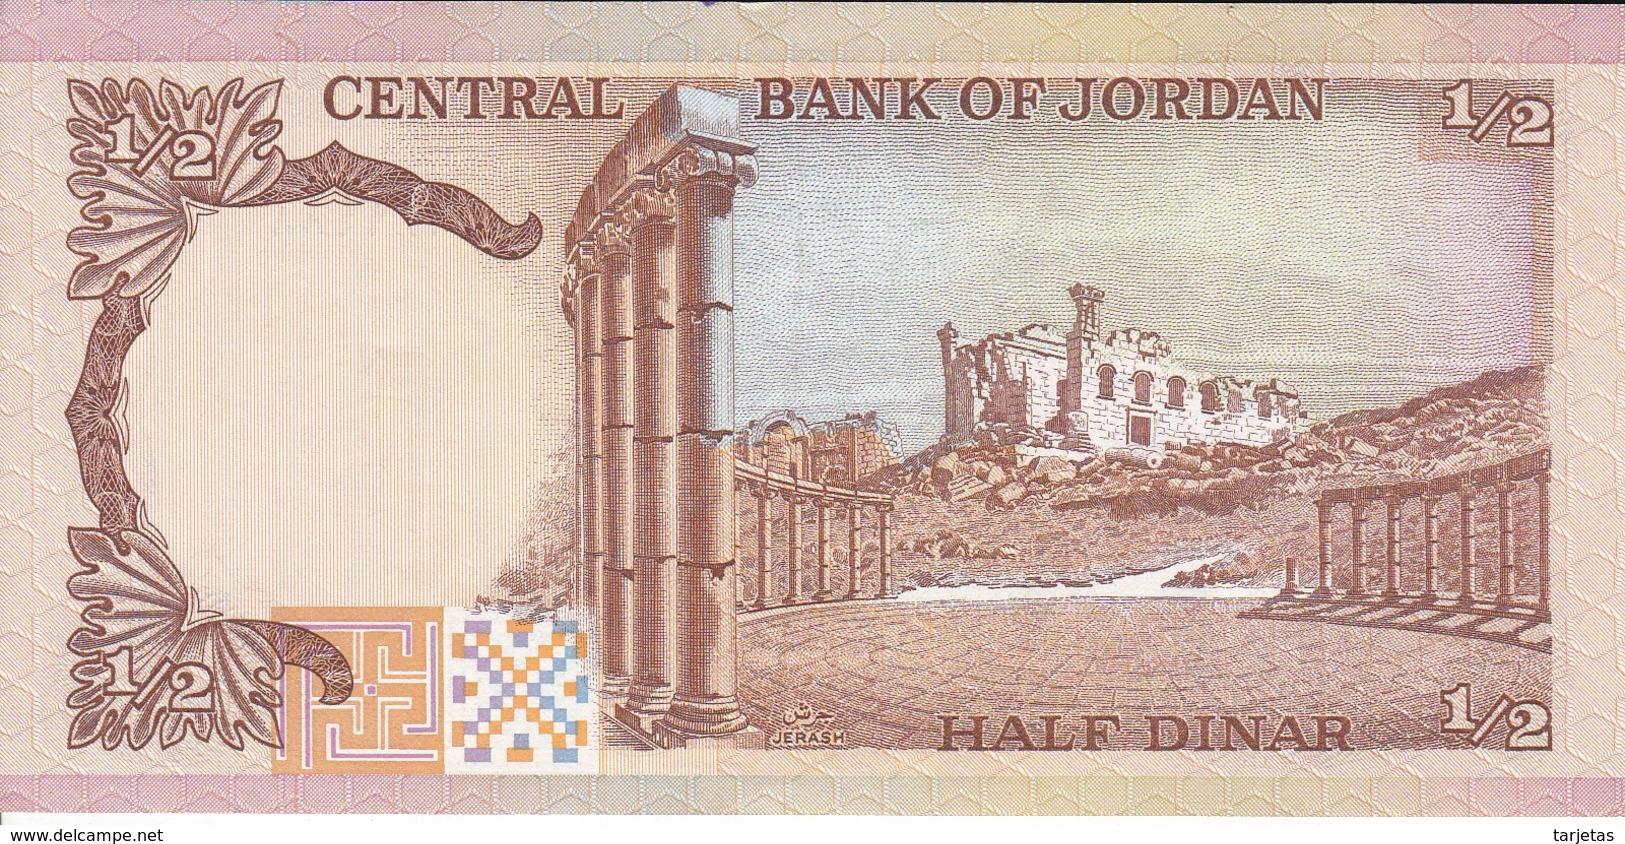 BILLETE DE JORDANIA DE 1/2 DINAR DEL AÑO 1975 EN CALIDAD EBC (XF)  (BANKNOTE) - Jordanie